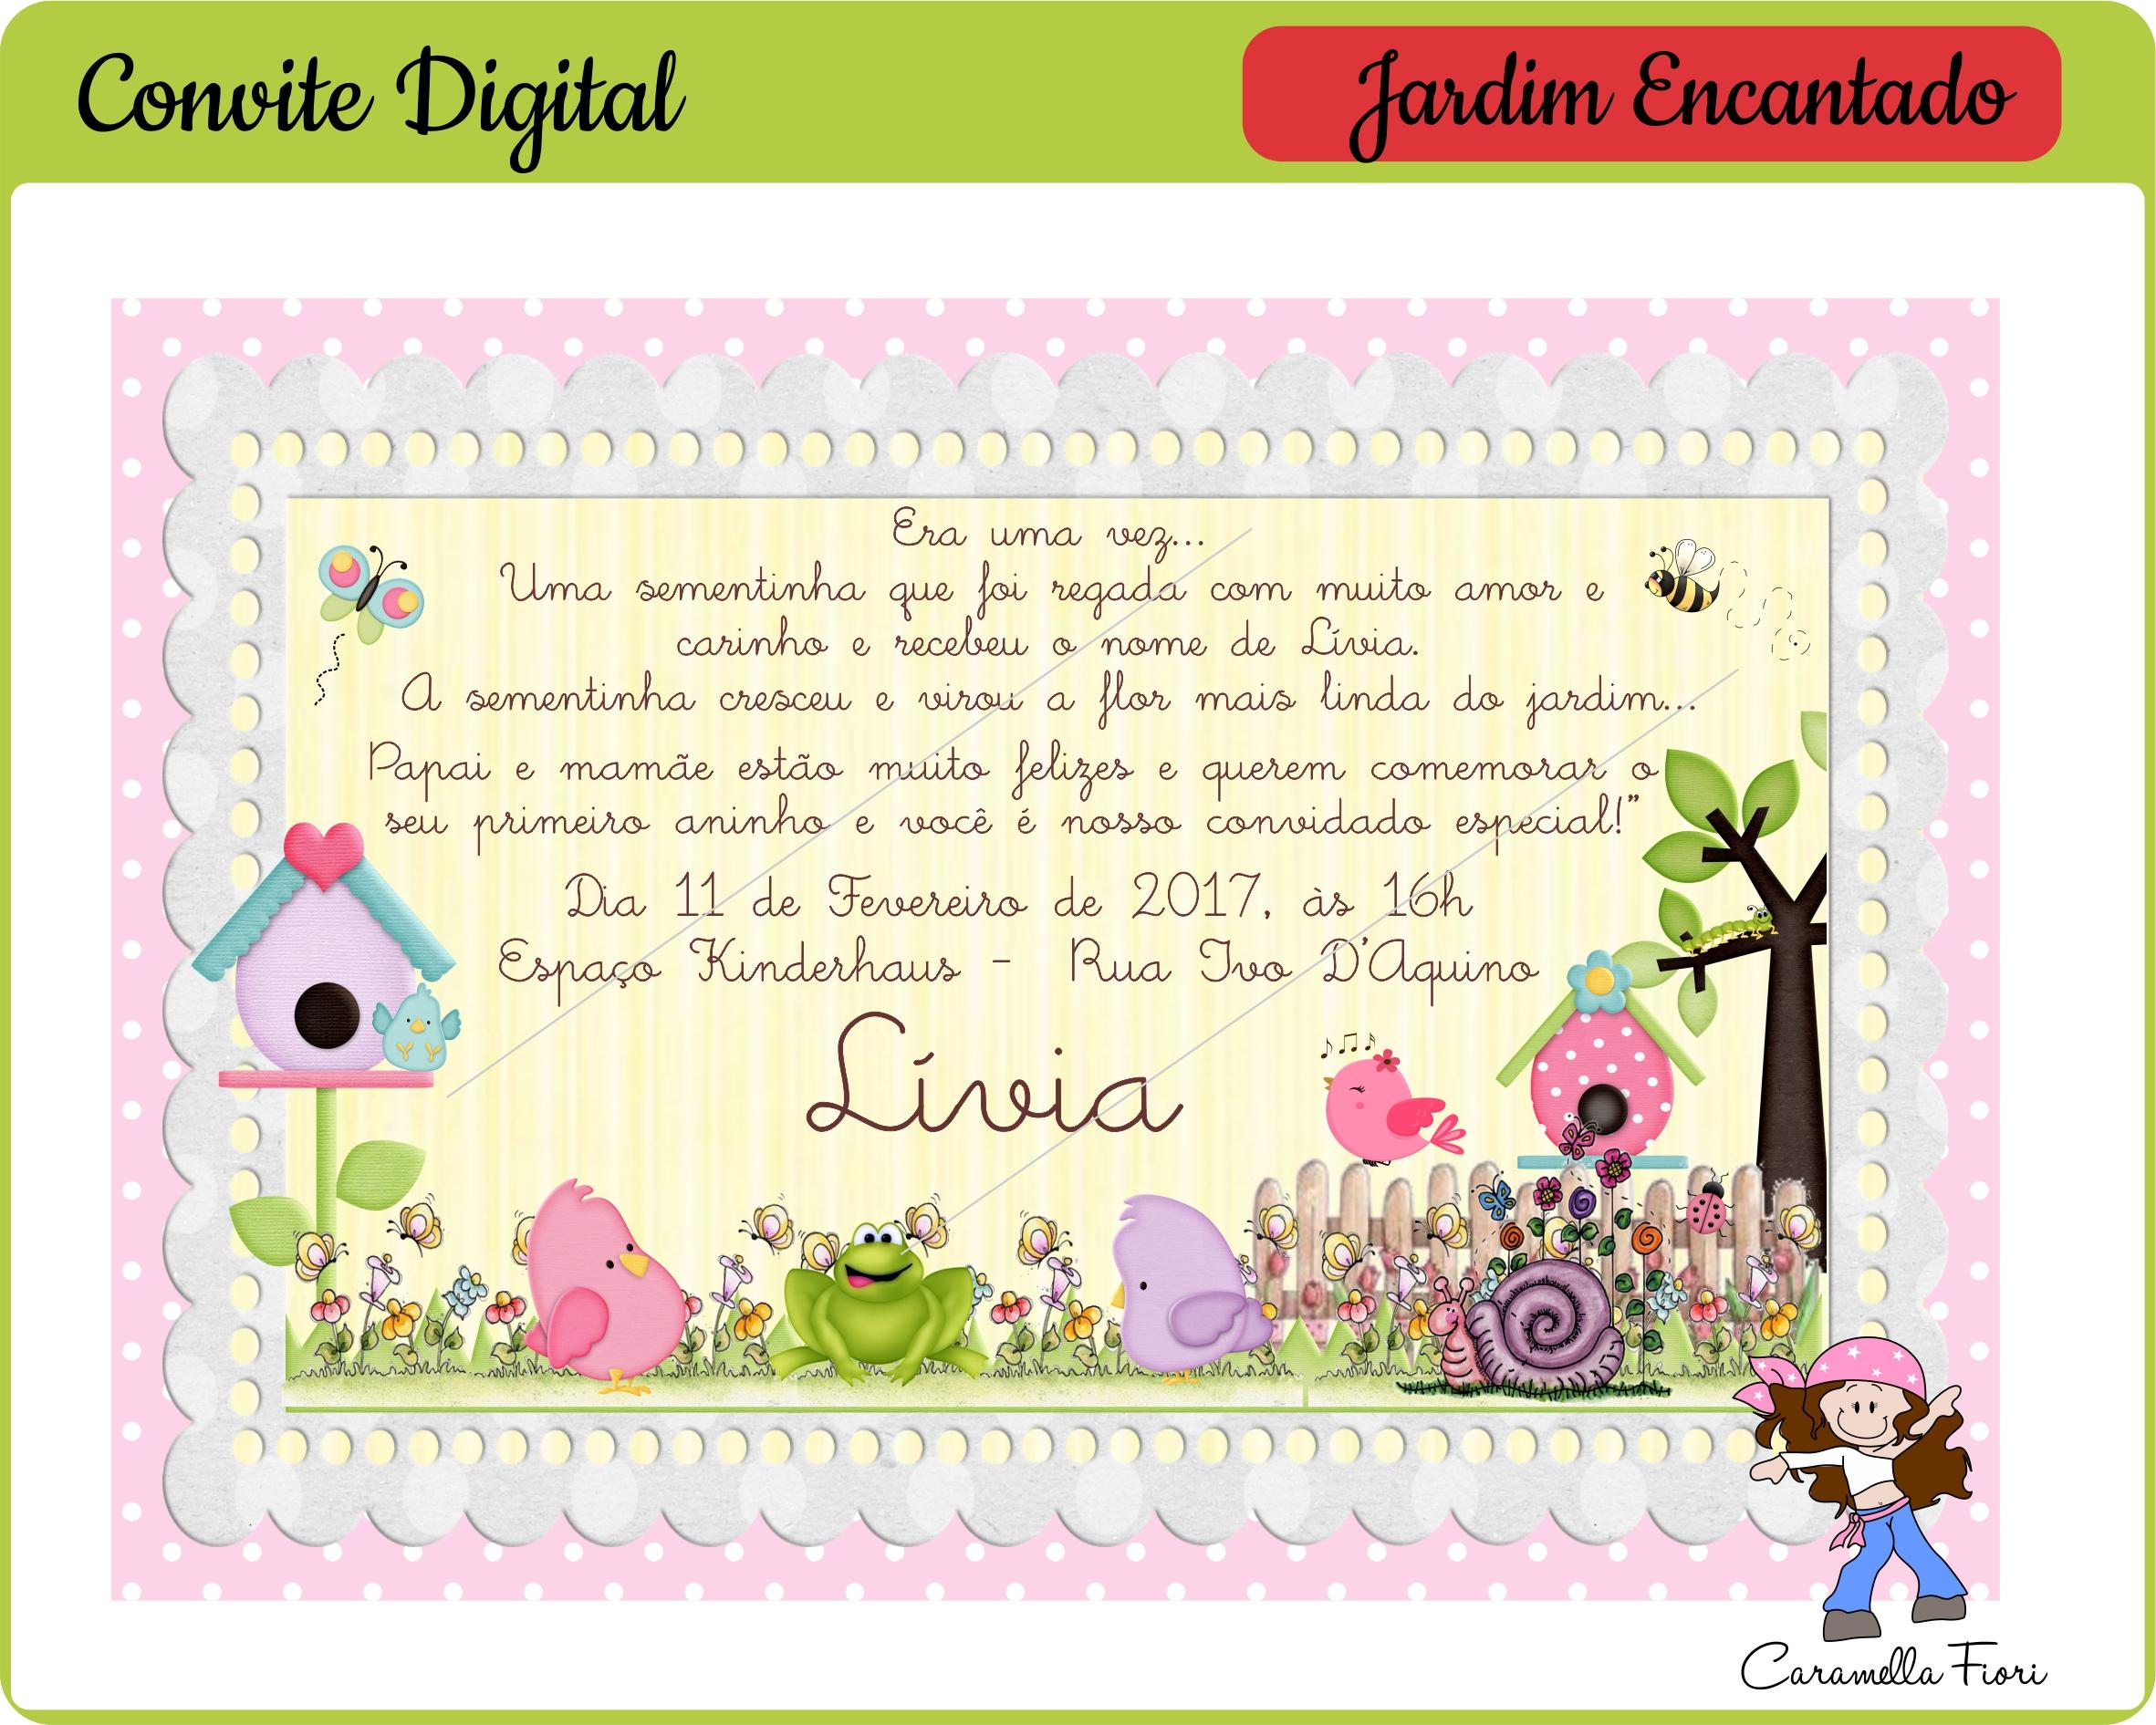 Jardim Encantado Coleção De Caramella Fiori Digital At Caramella